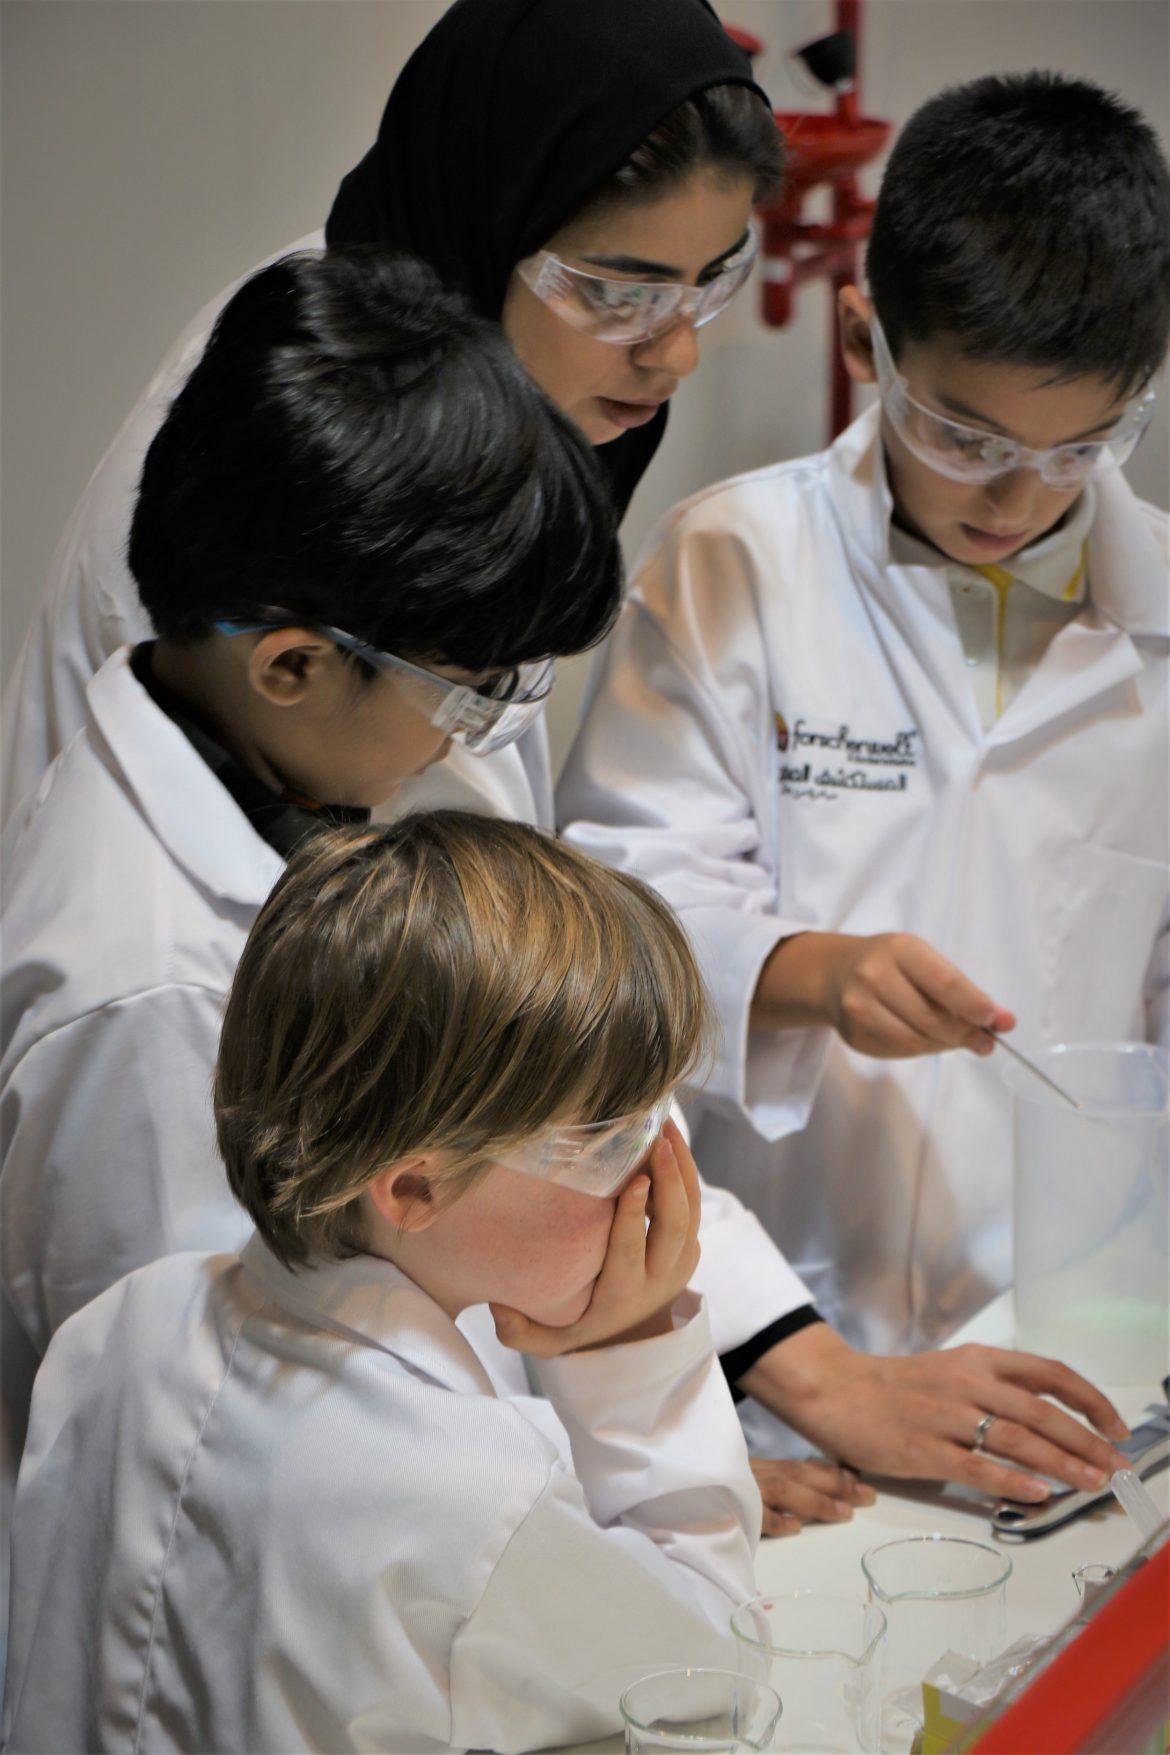 مدينة الطفل دبي تستضيف مختبر علوم فورشرفيلت المستكشف الصغير